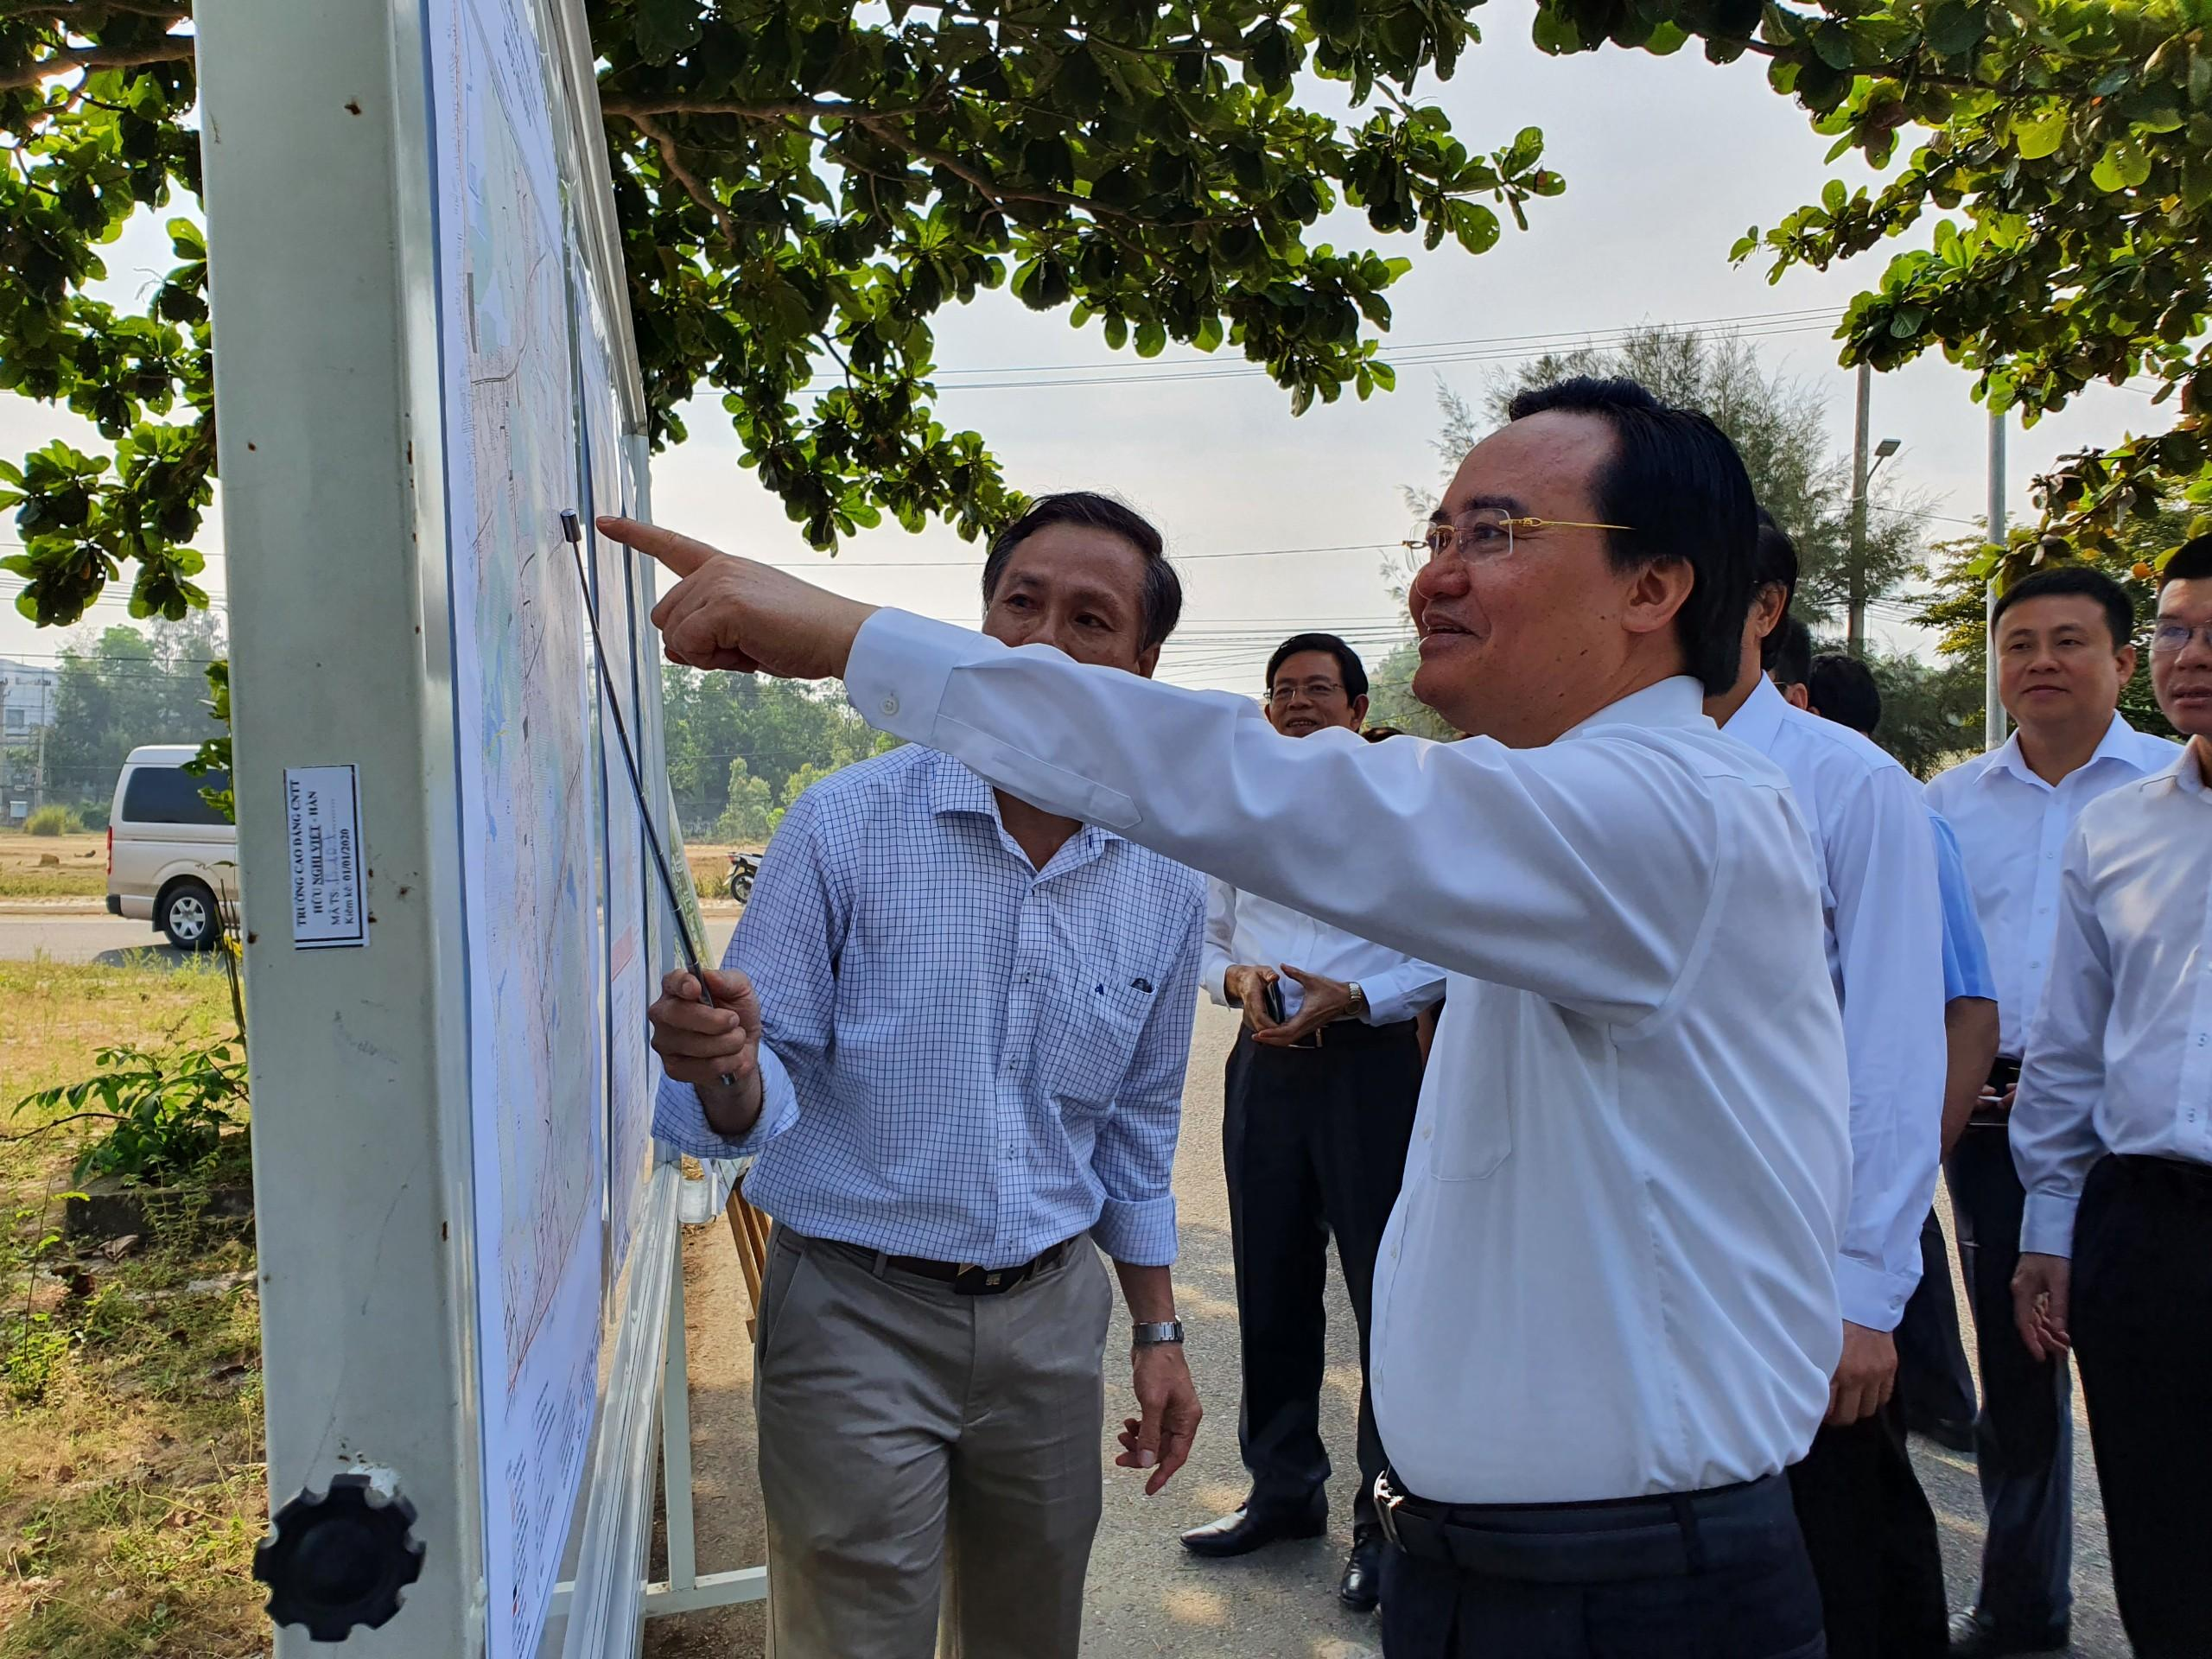 Bộ trưởng Bộ GD-ĐT Phùng Xuân Nhạ kiểm tra tiến độ dự án Làng đại học Đà Nẵng vào tháng 5.2020